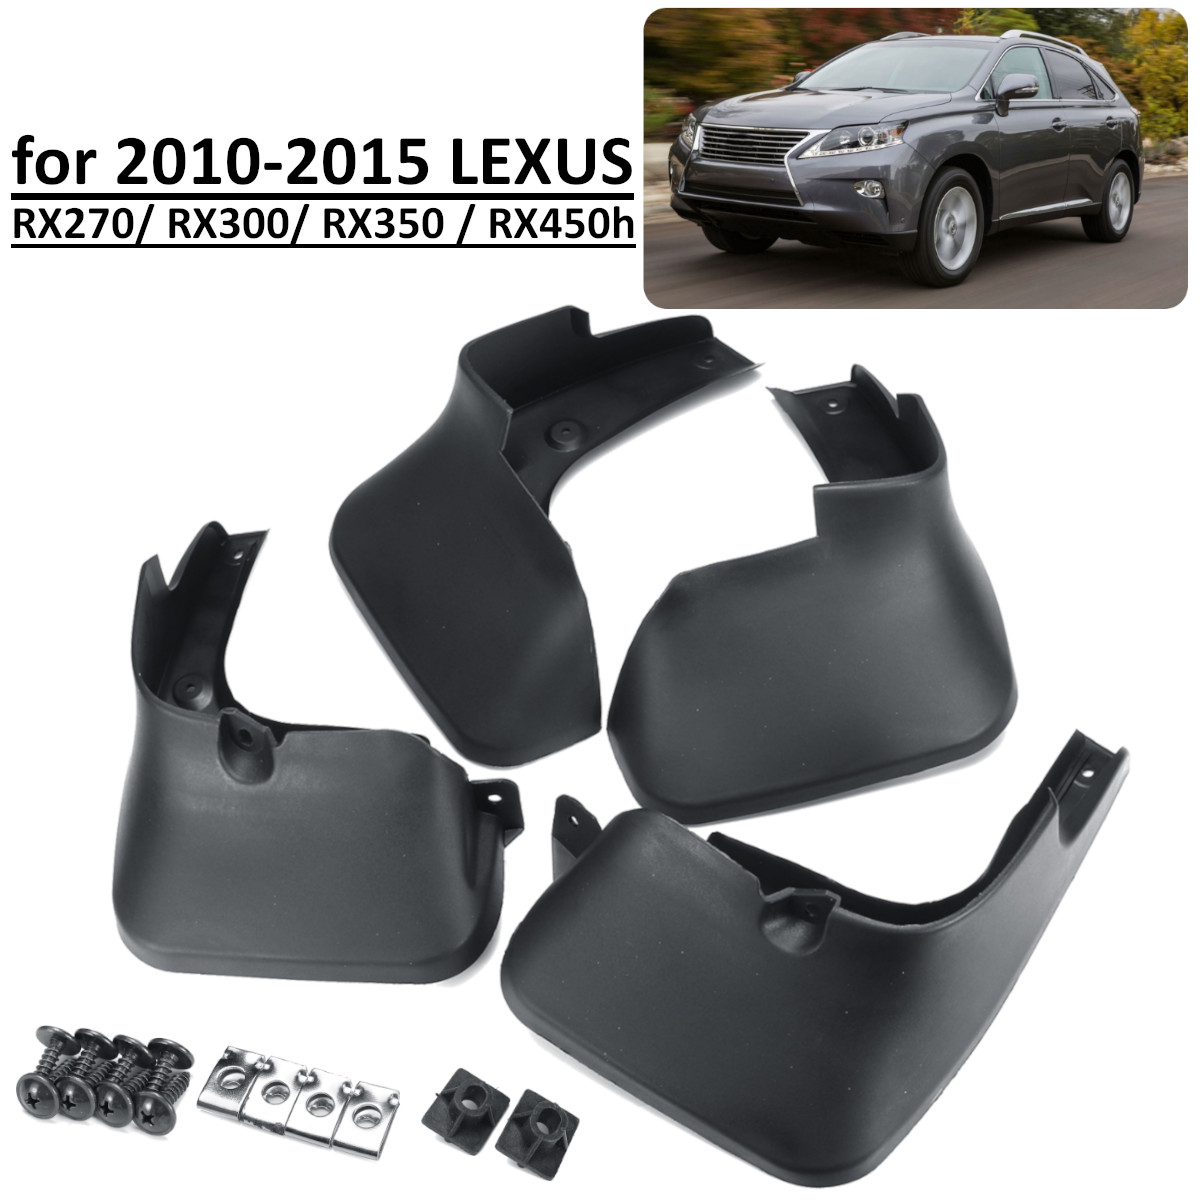 車の泥フラップのためのレクサス RX RX270 RX300 RX350 RX450H 2010-2015 Mudflaps マッドガードアクセサリー